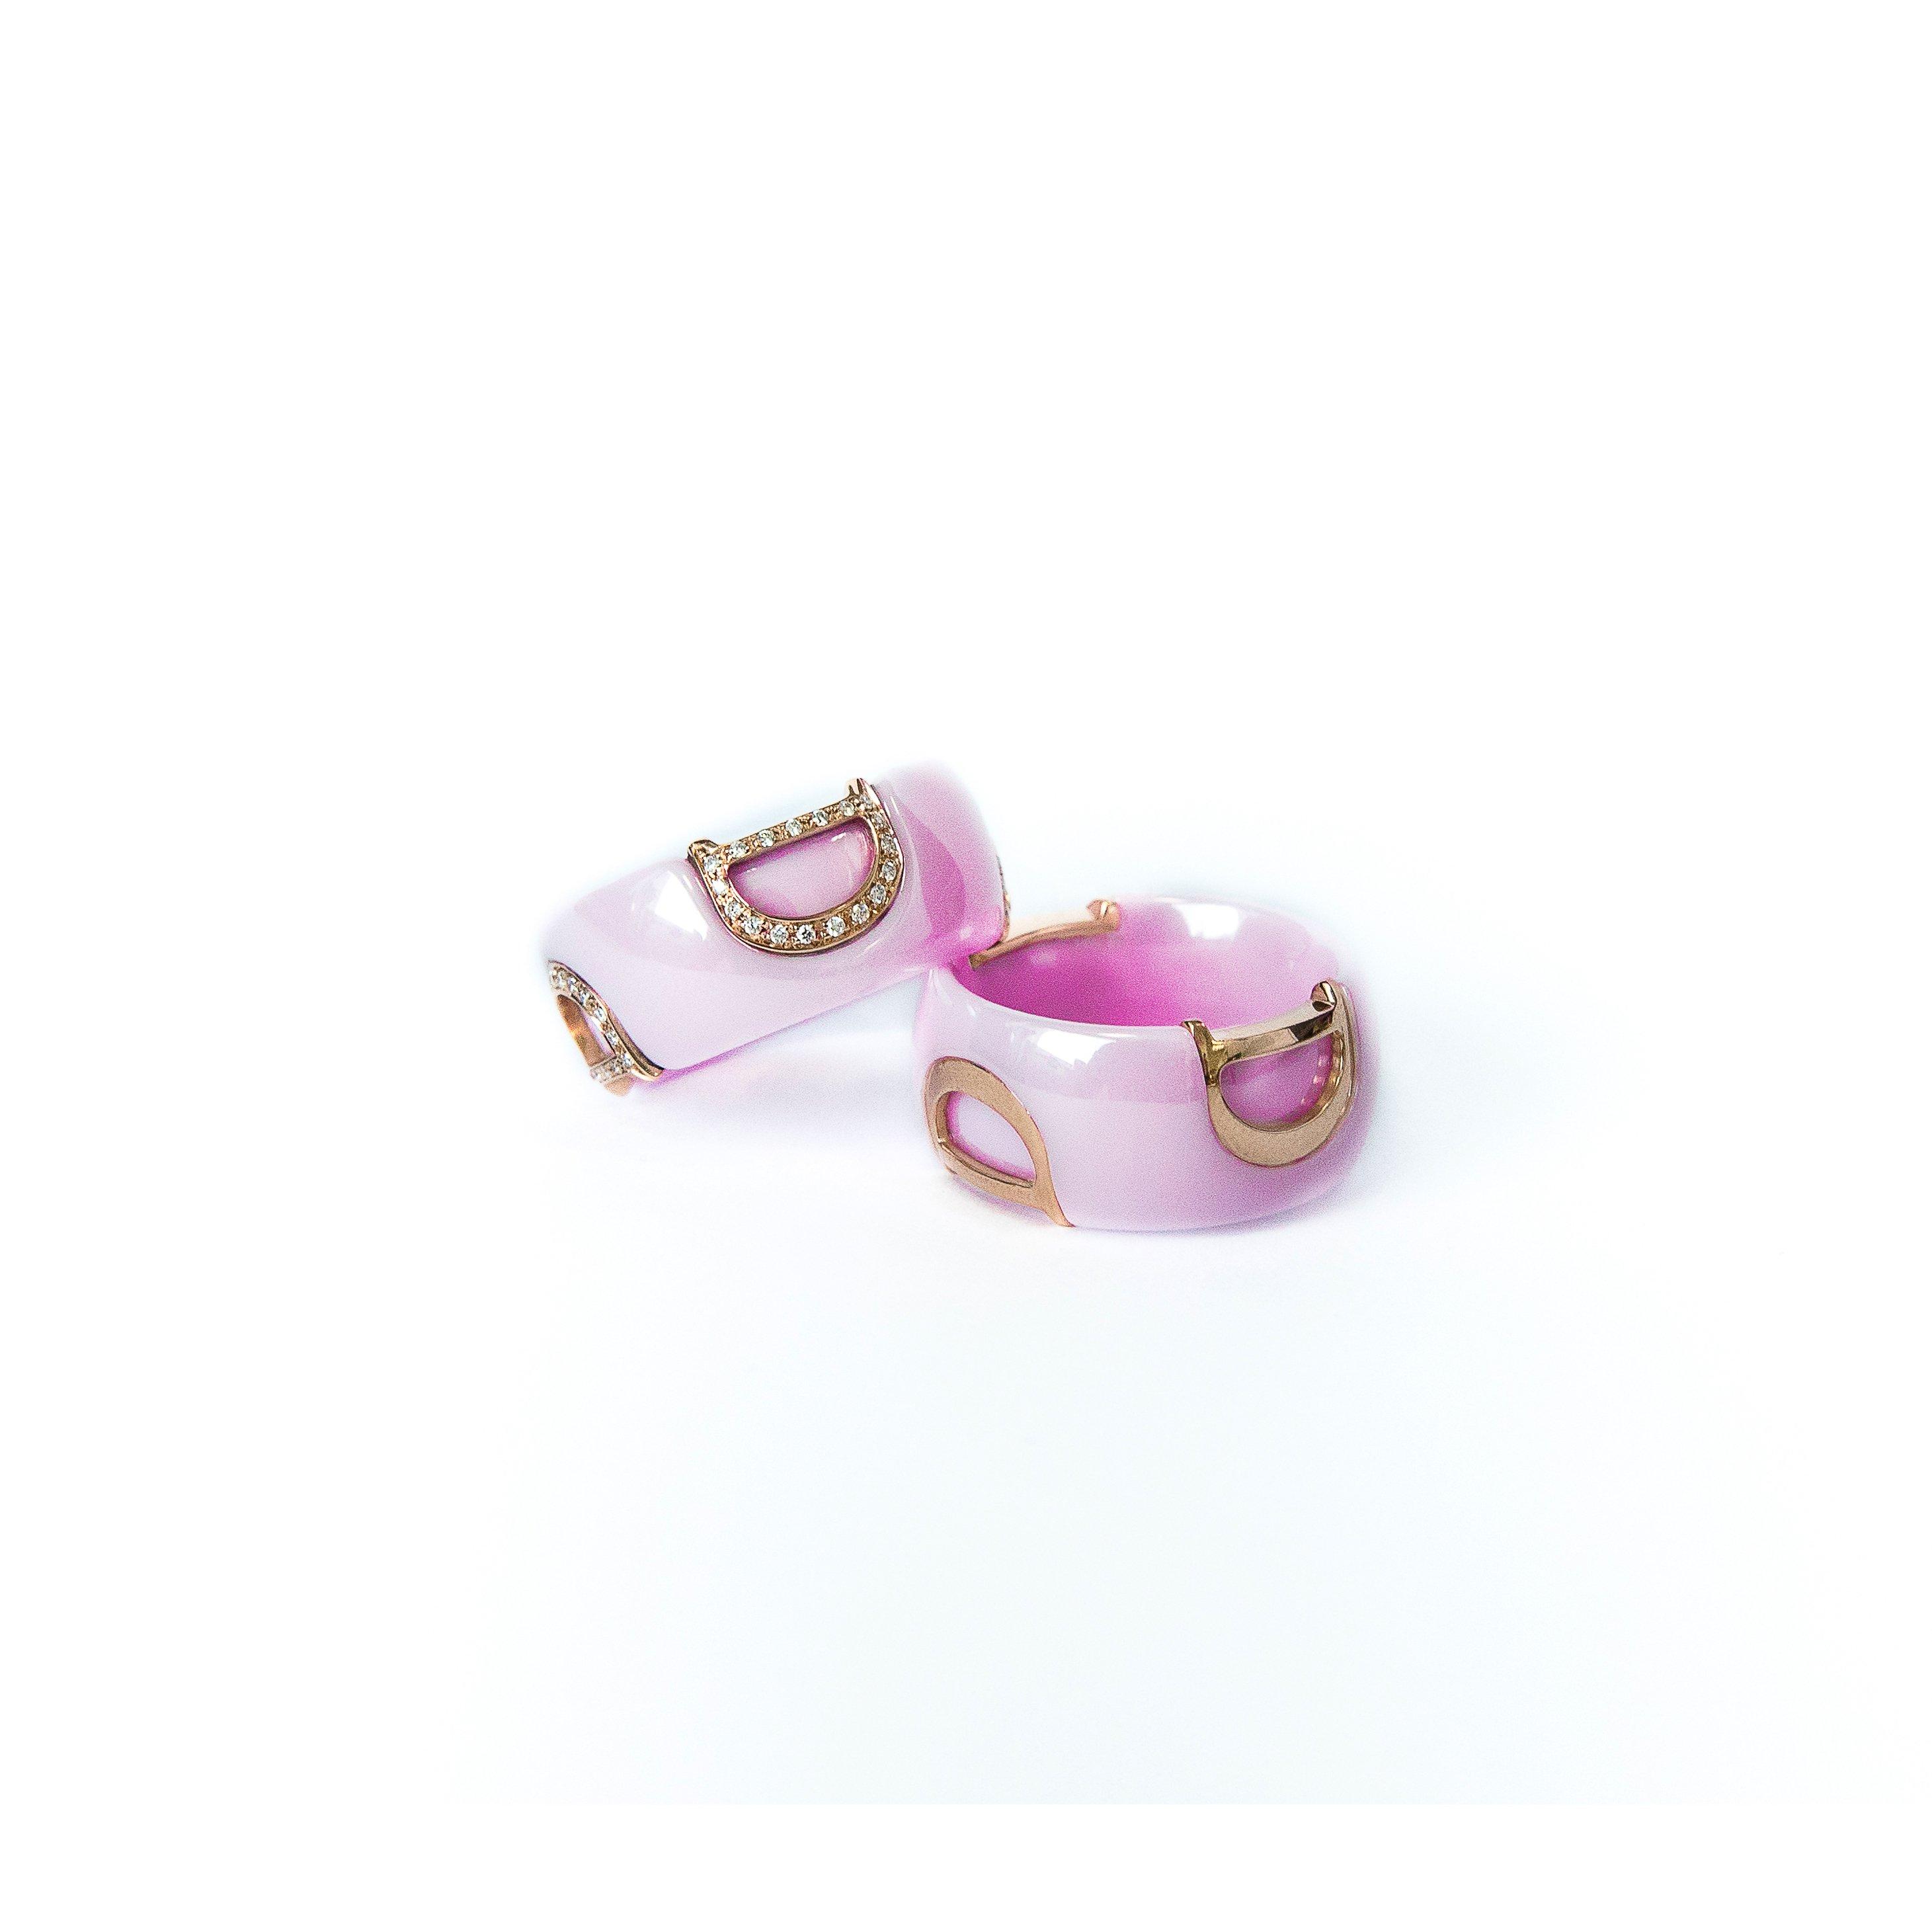 Damiani Dubai Launches D.Icon Rosa Confetto Ring Exclusive To Dubai